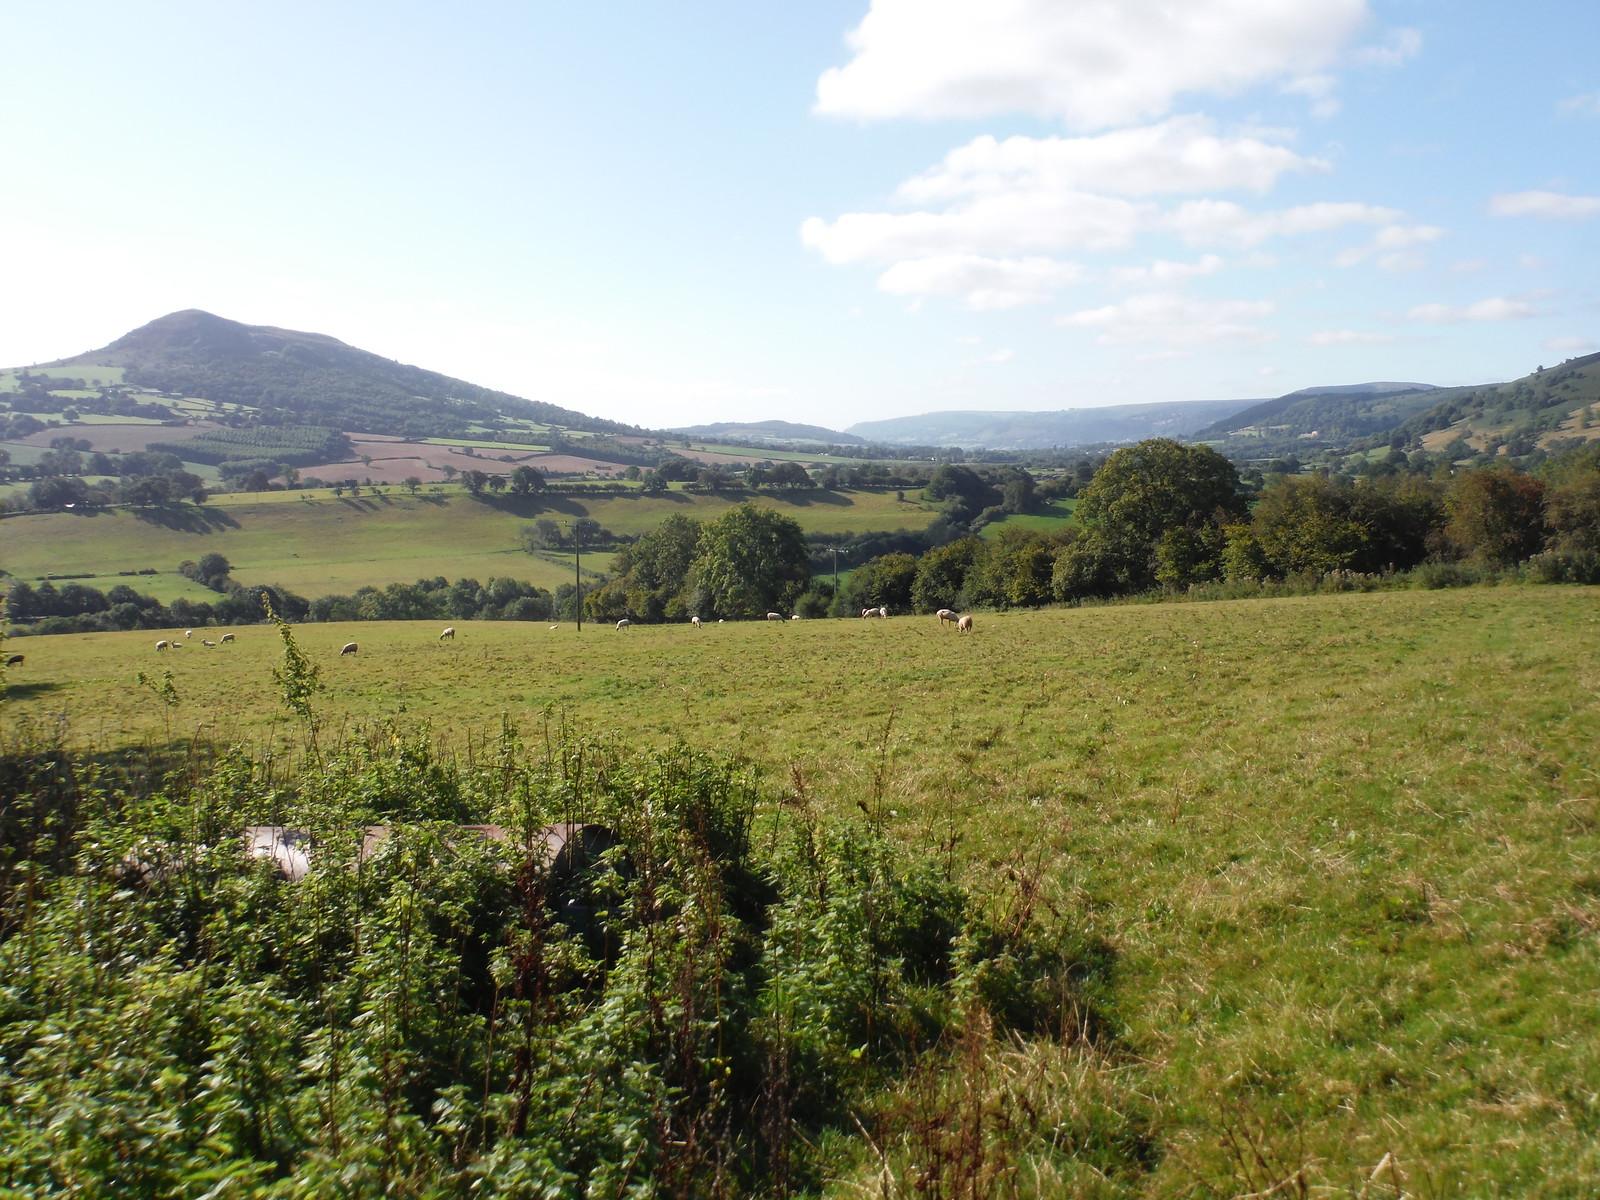 Ysgyryd Fawr and Fach, Mynydd y Garn-fawr, Blorenge, Deri SWC Walk 347 - Llanvihangel Crucorney Circular (via Bryn Arw and The Skirrid)